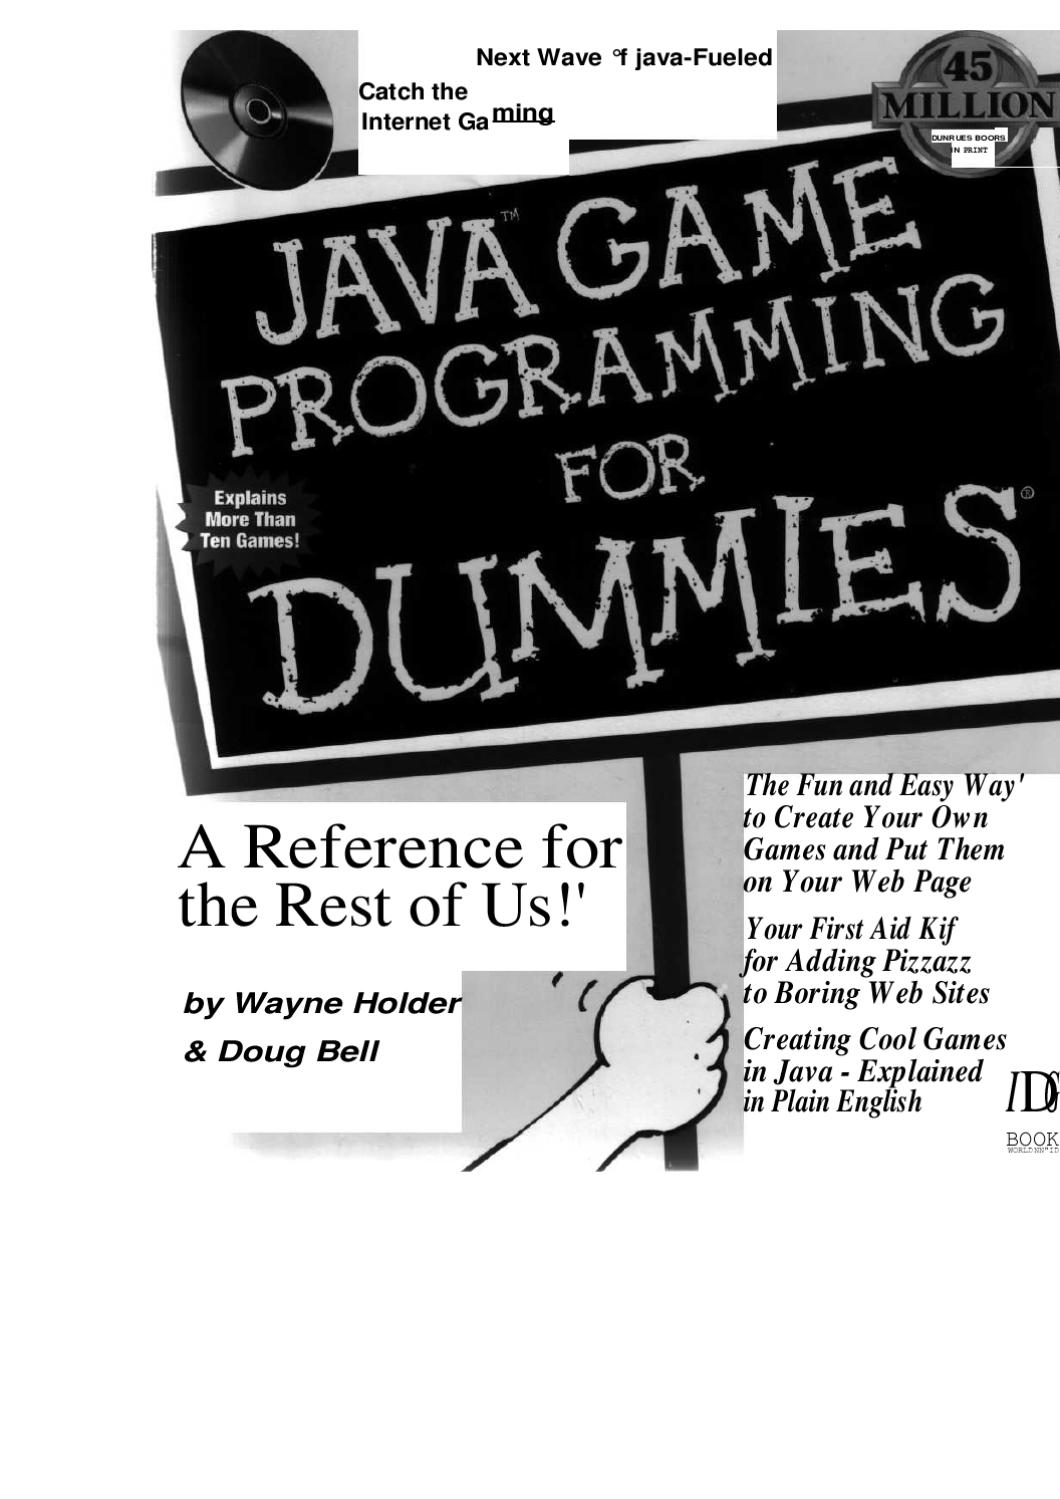 Java game programming for dummies by raghav kumar issuu baditri Images